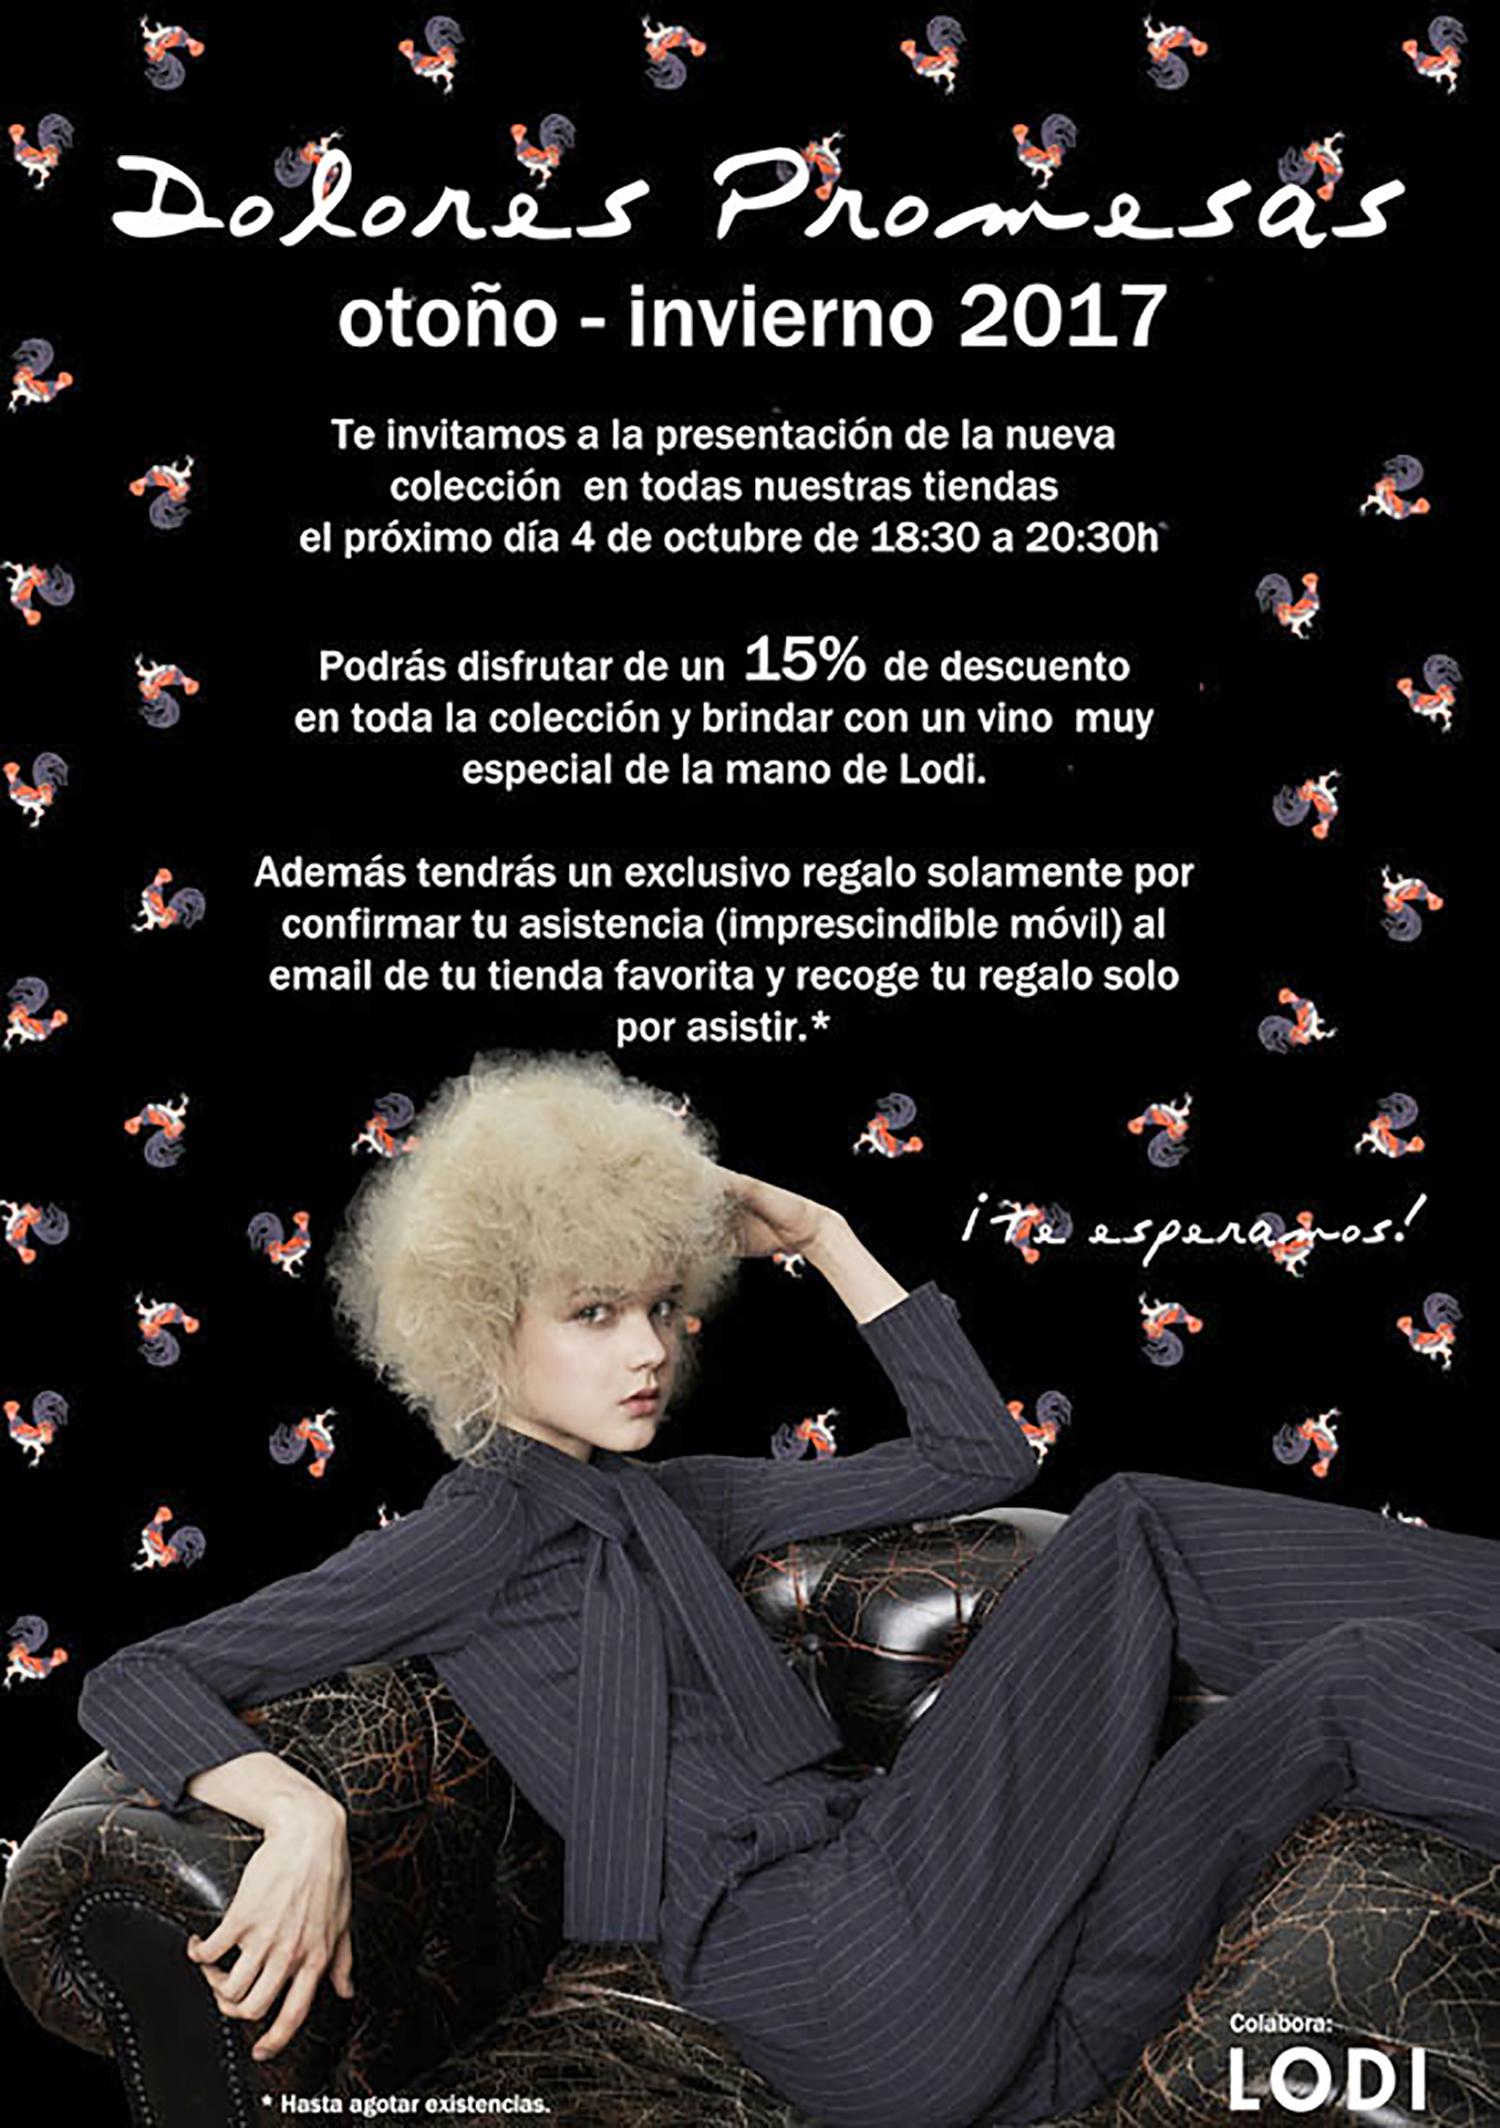 Presentación Colección Otoño Invierno 2017 Dolores Promesas